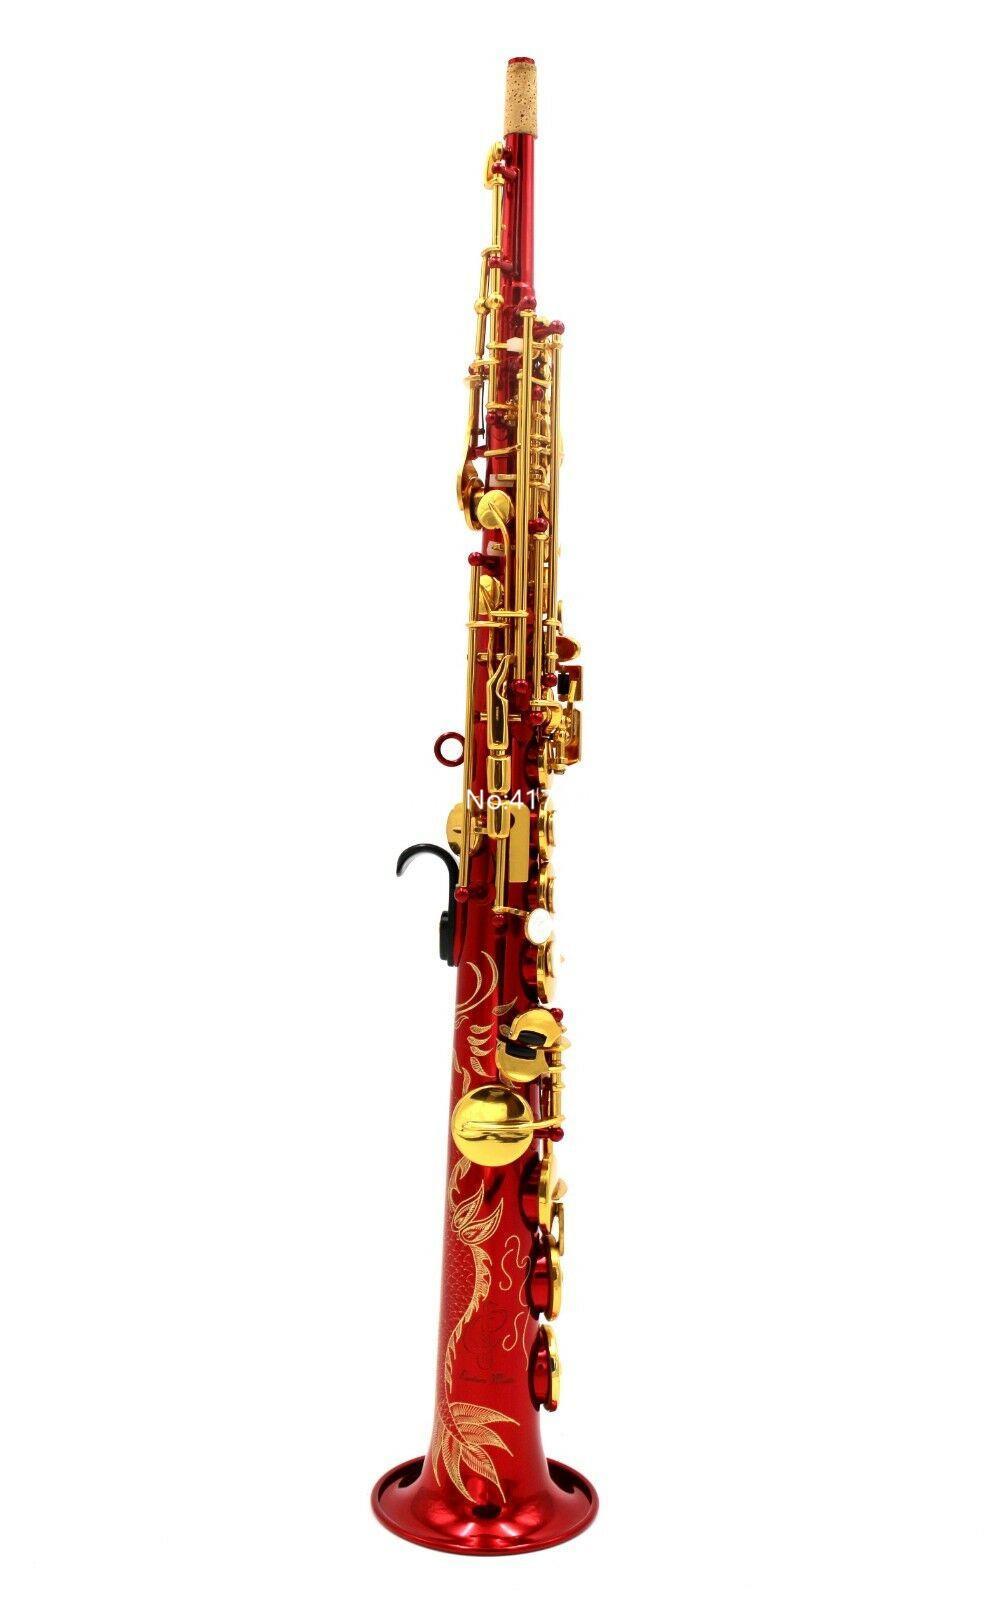 Sıcak Satış soprano saksofon B Düz kırmızı lake boyun tipi düz Müzik Aletleri Profesyonel With Aksesuarları inşa